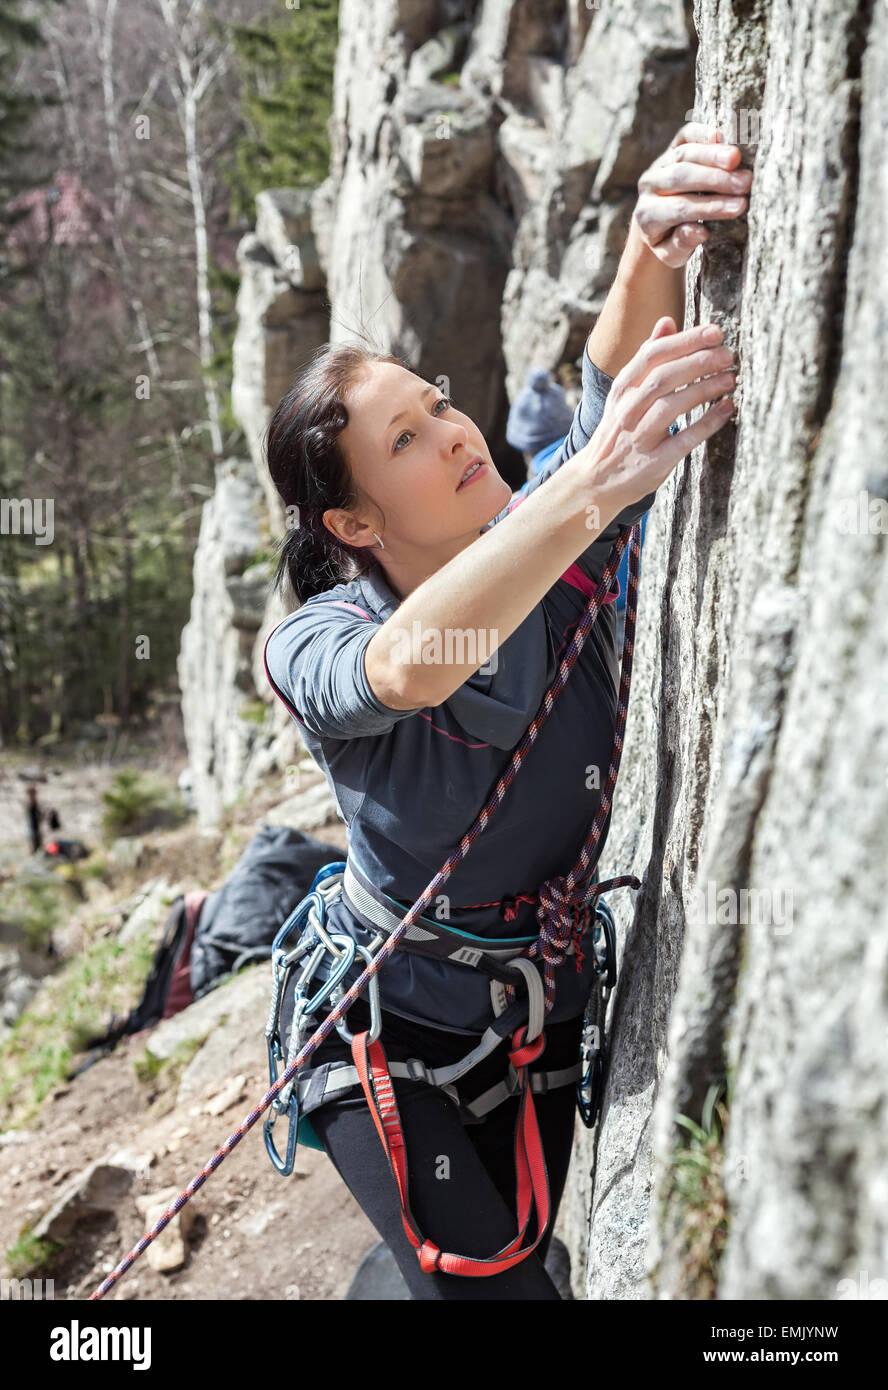 Retrato de una joven y bella mujer difícil pared de escalada. Imagen De Stock